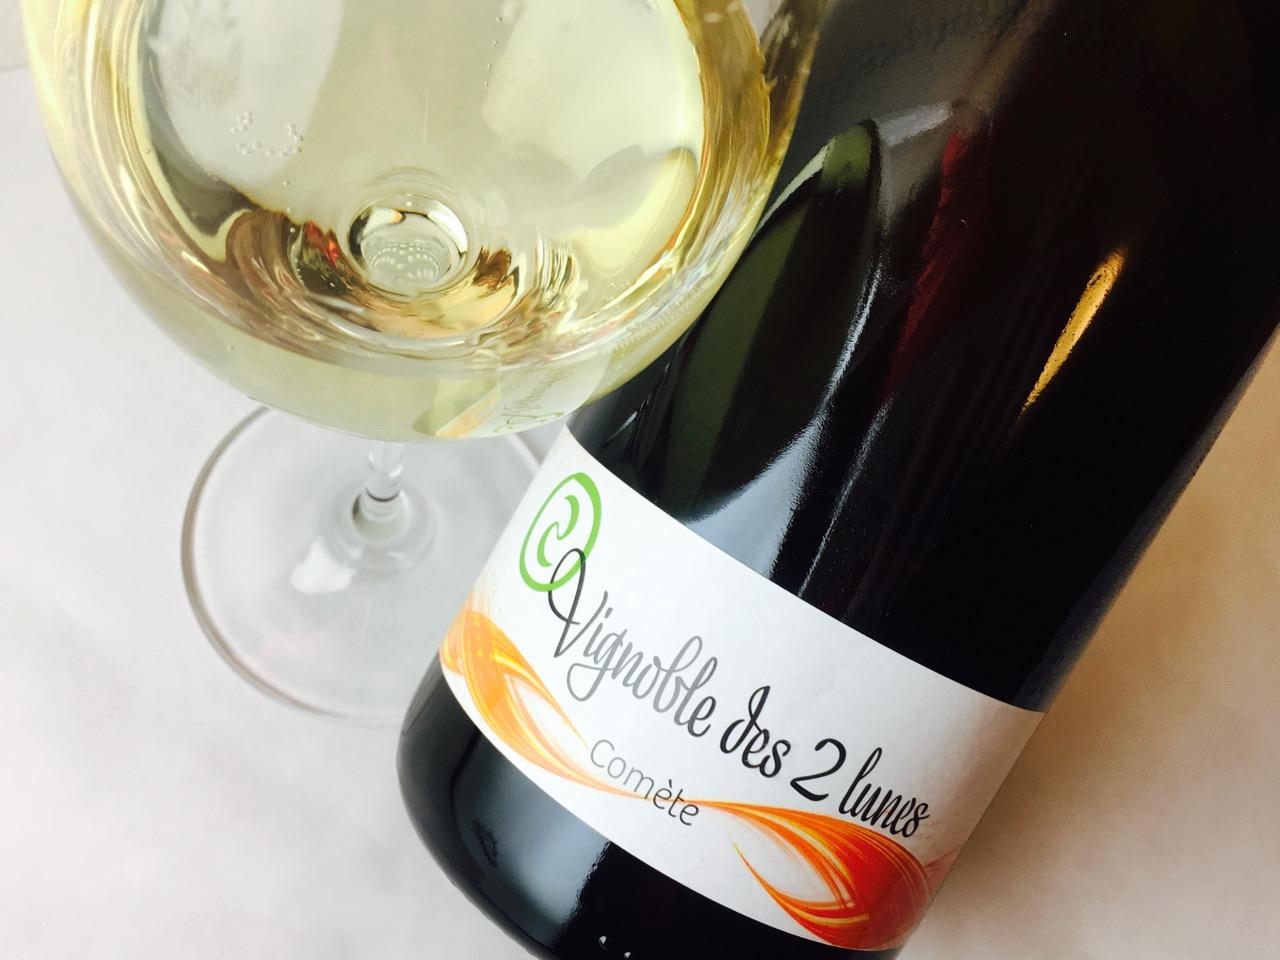 2013 Vignoble des 2 Lunes Comète Brut Crémant d'Alsace